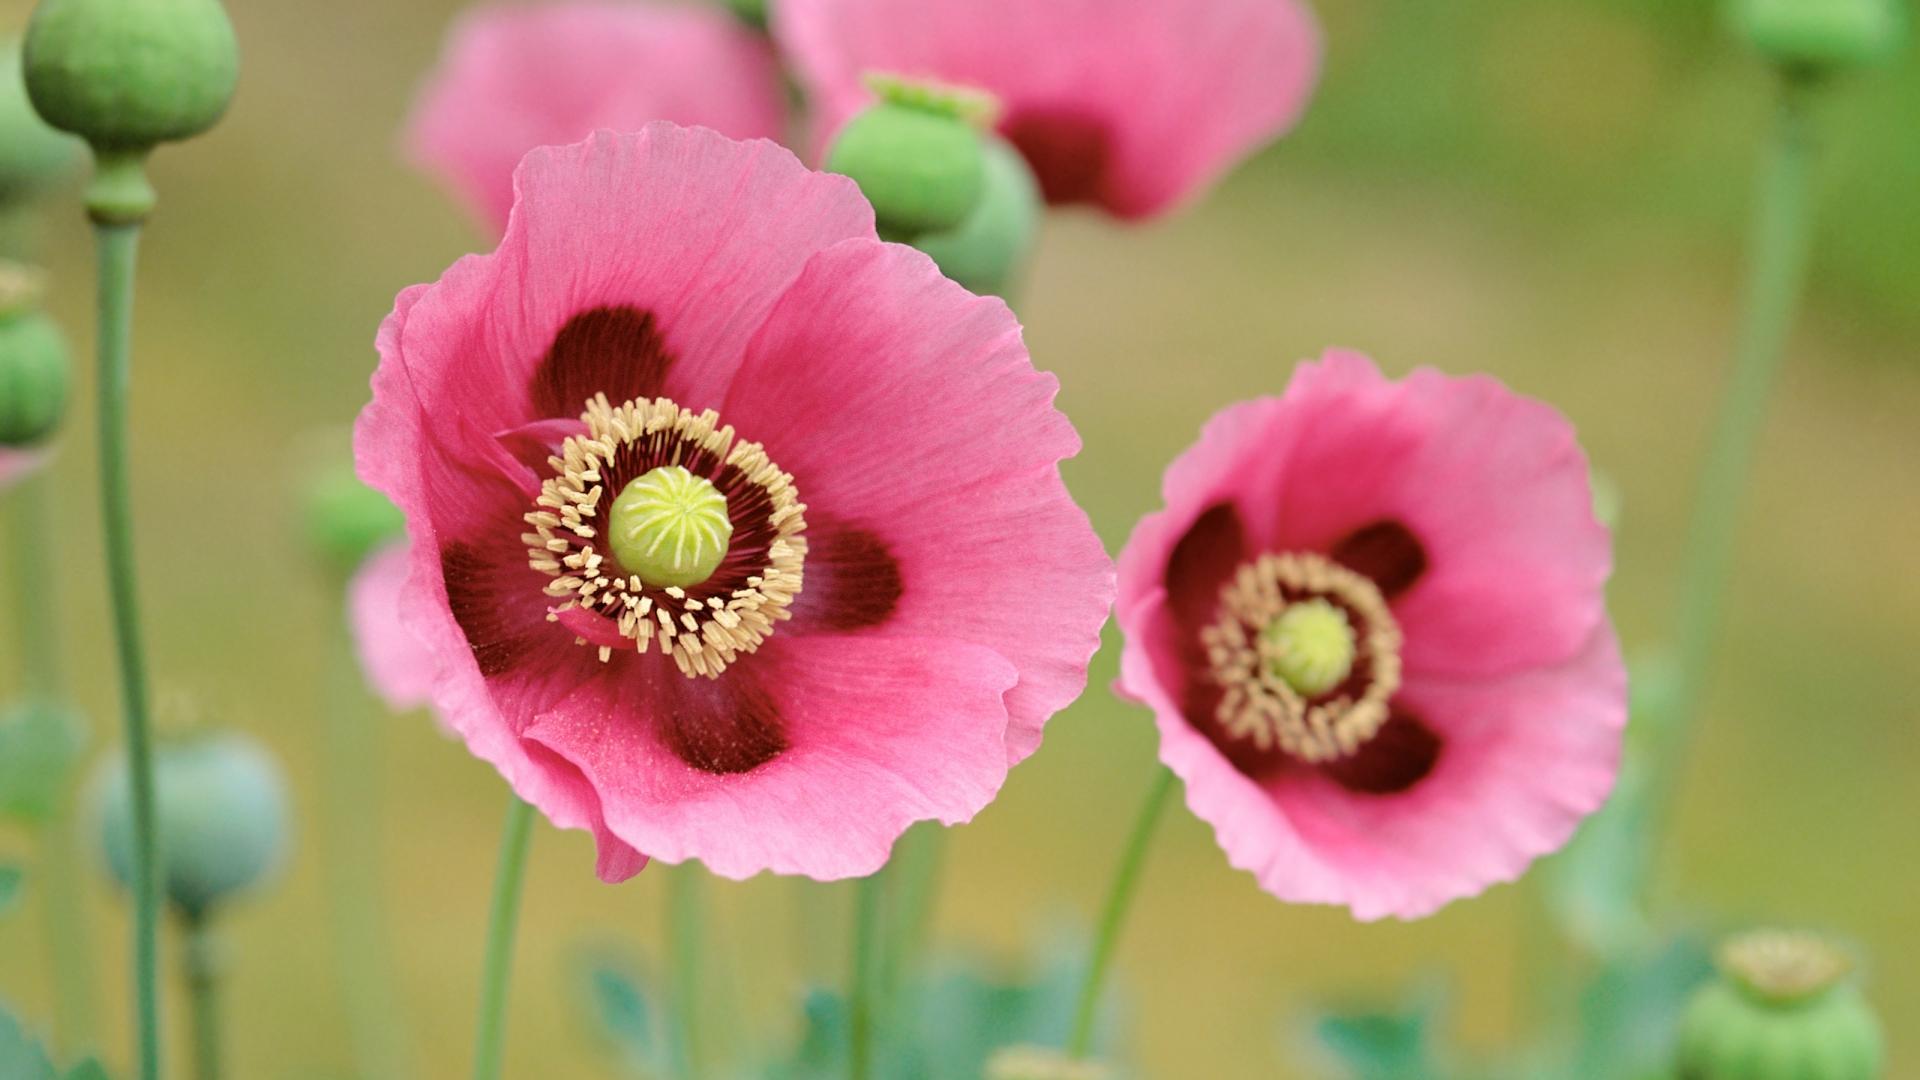 Flores en macro - 1920x1080